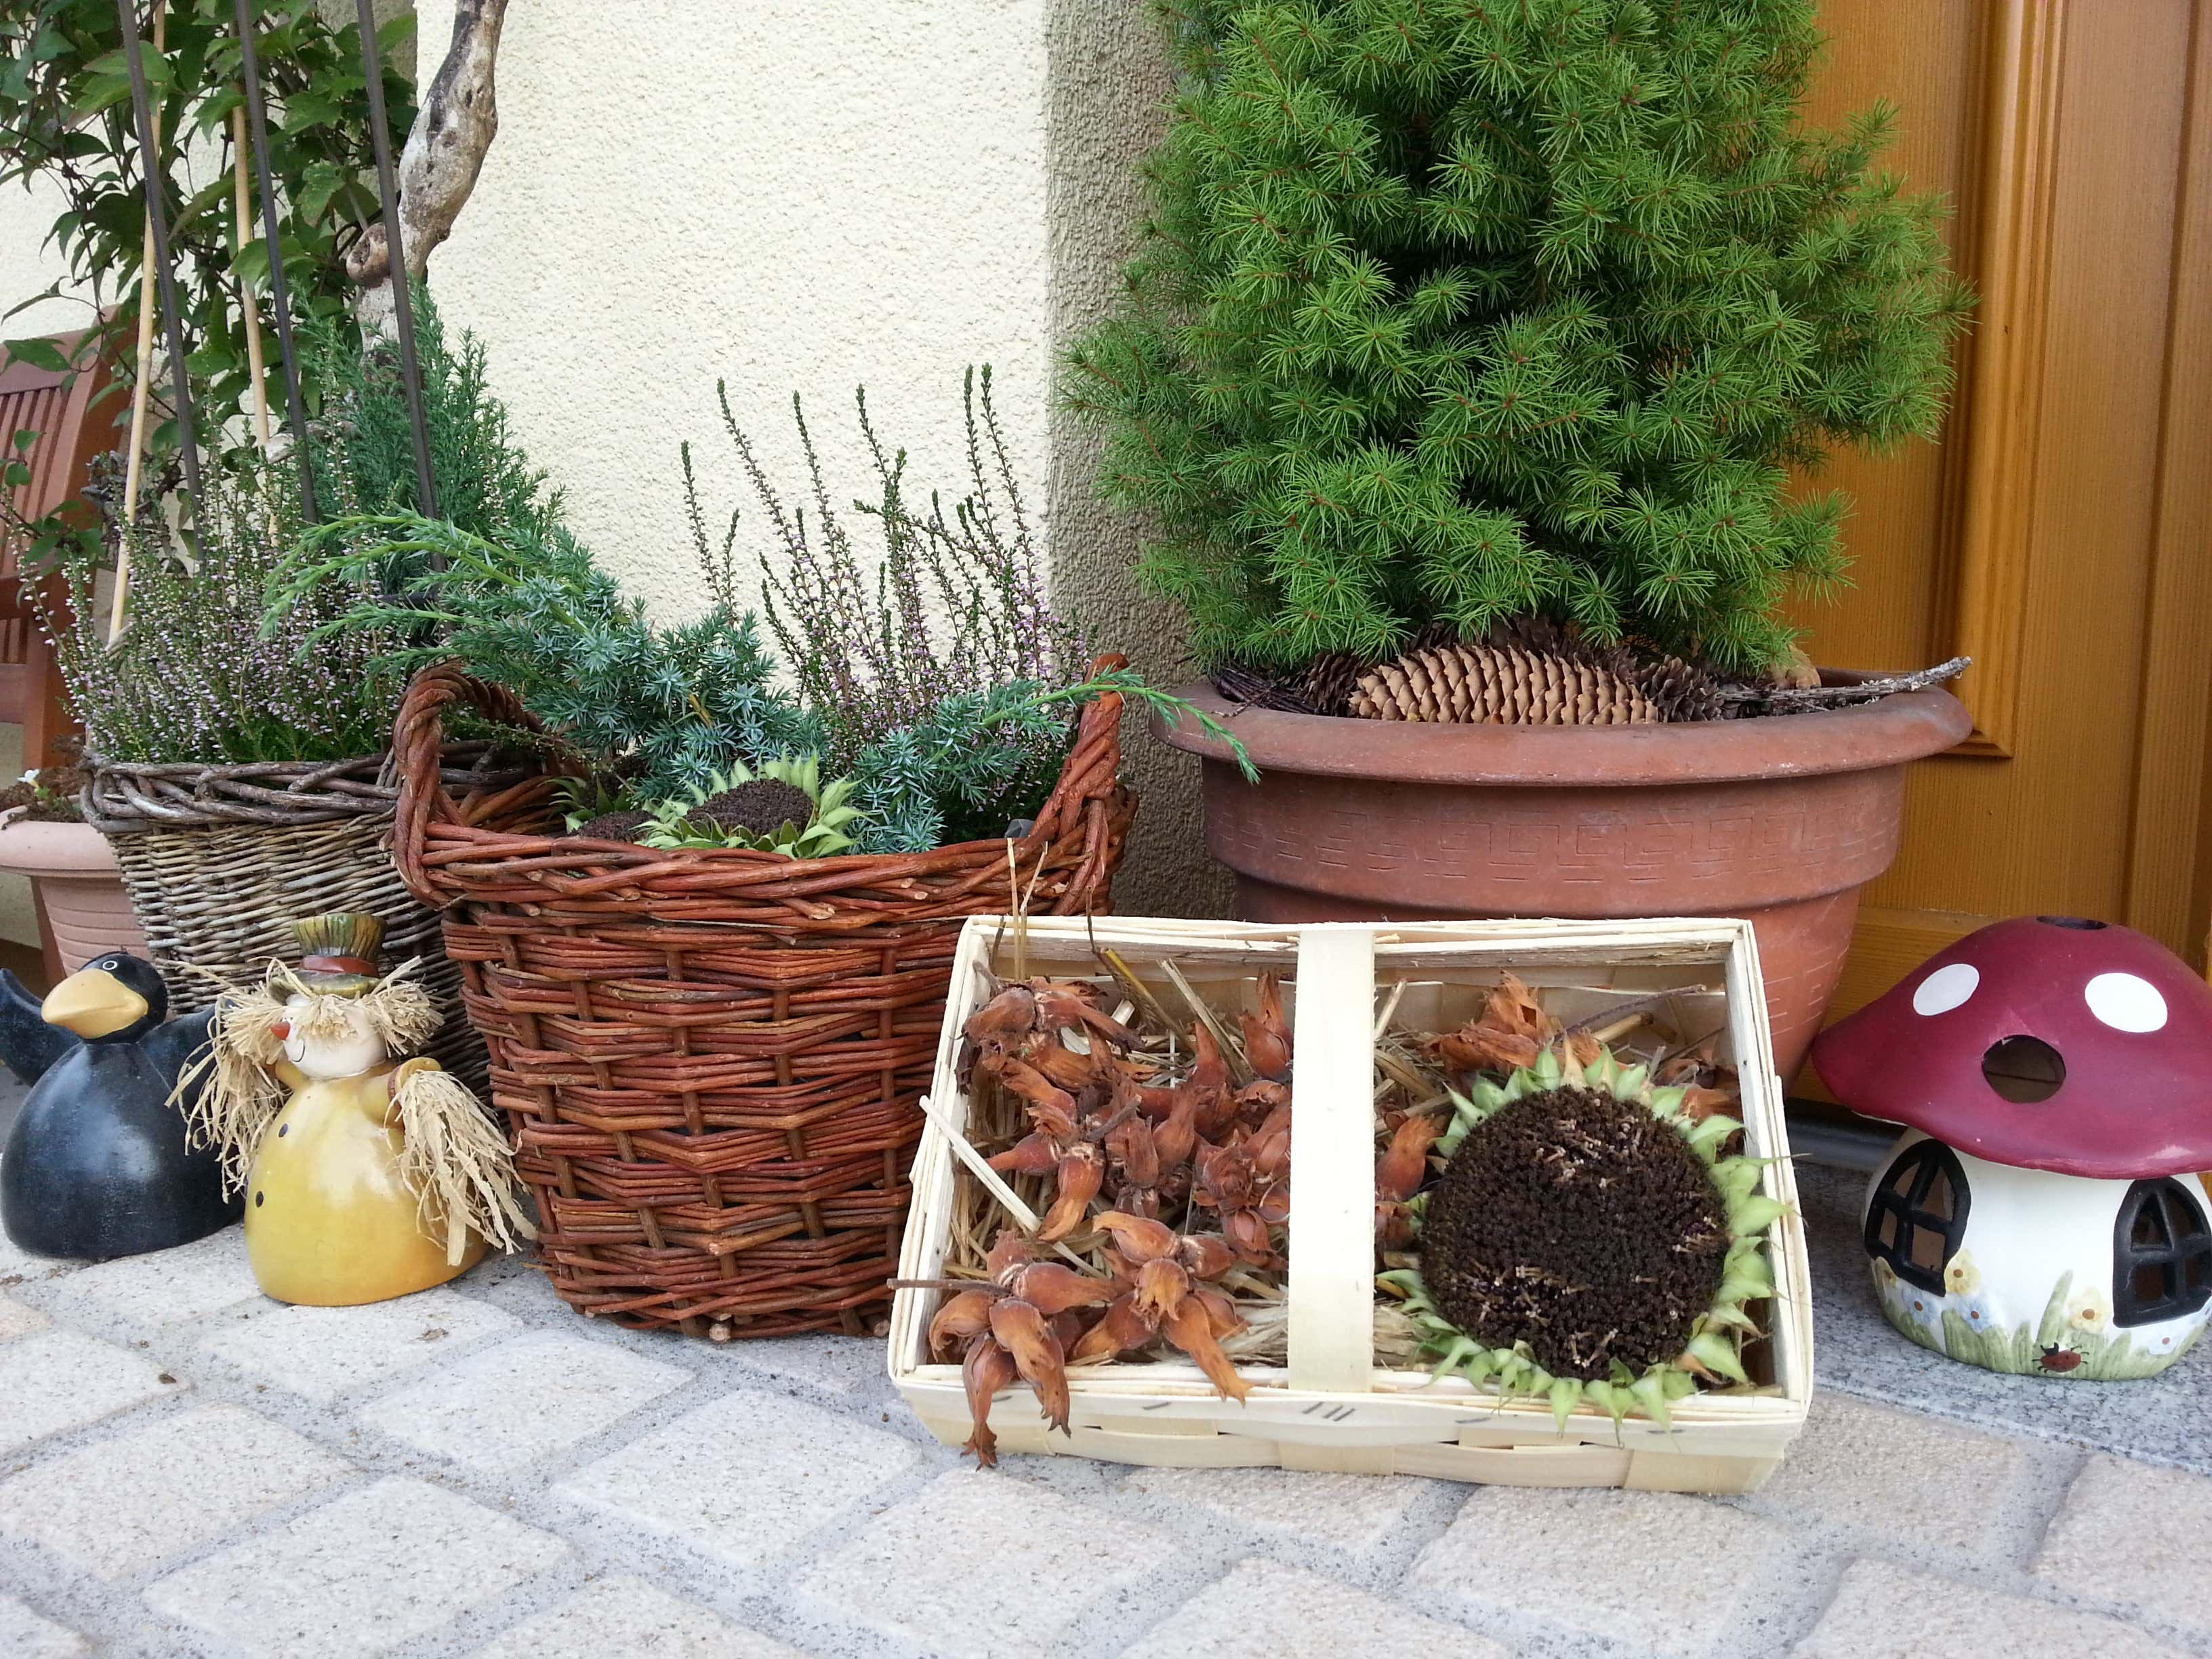 Herbstdeko Ideen: Kreativ & bunt den Garten dekorieren